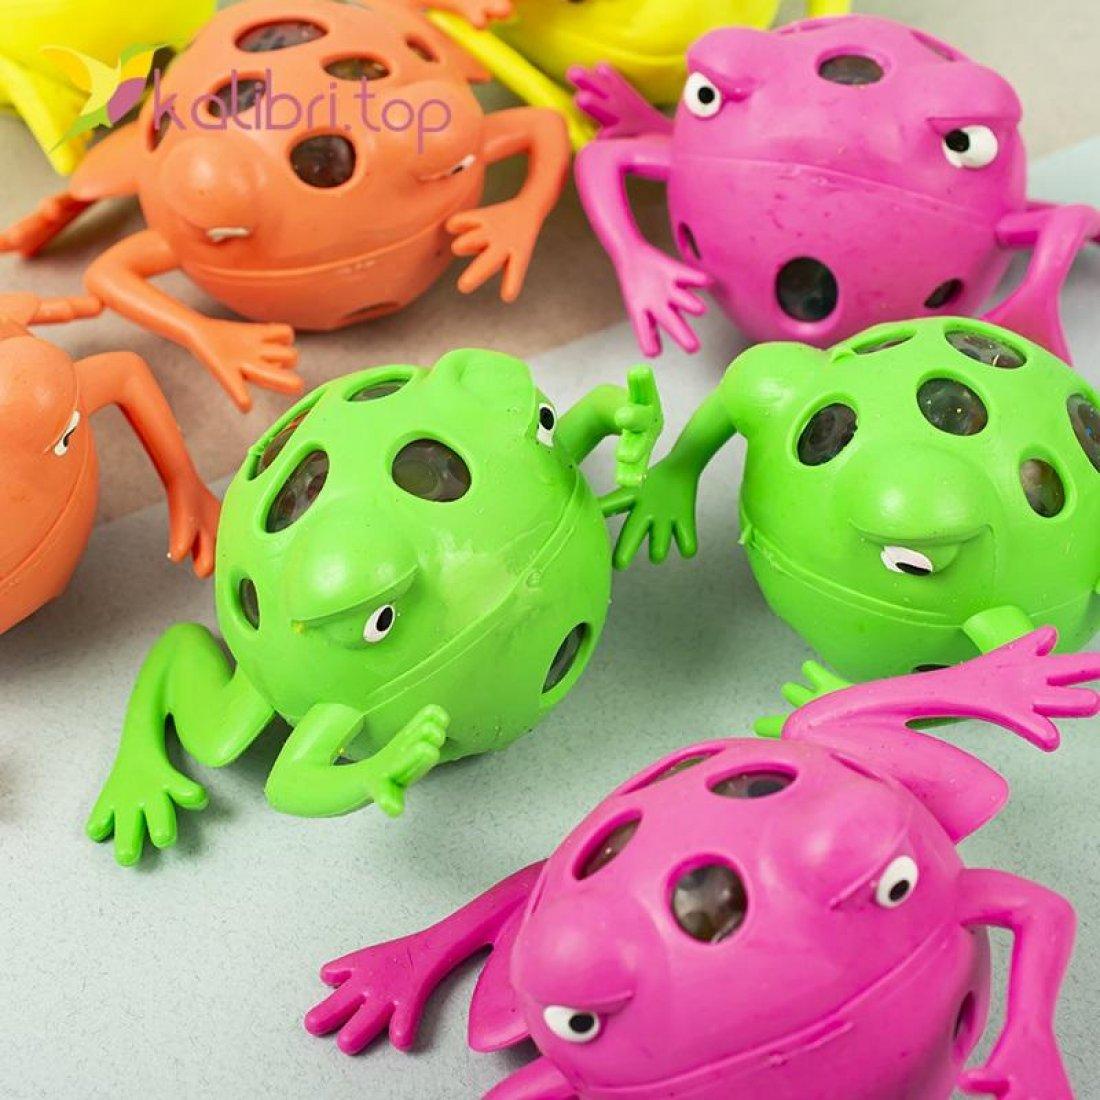 Игрушки антистресс с орбизами жабы оптом фото 5